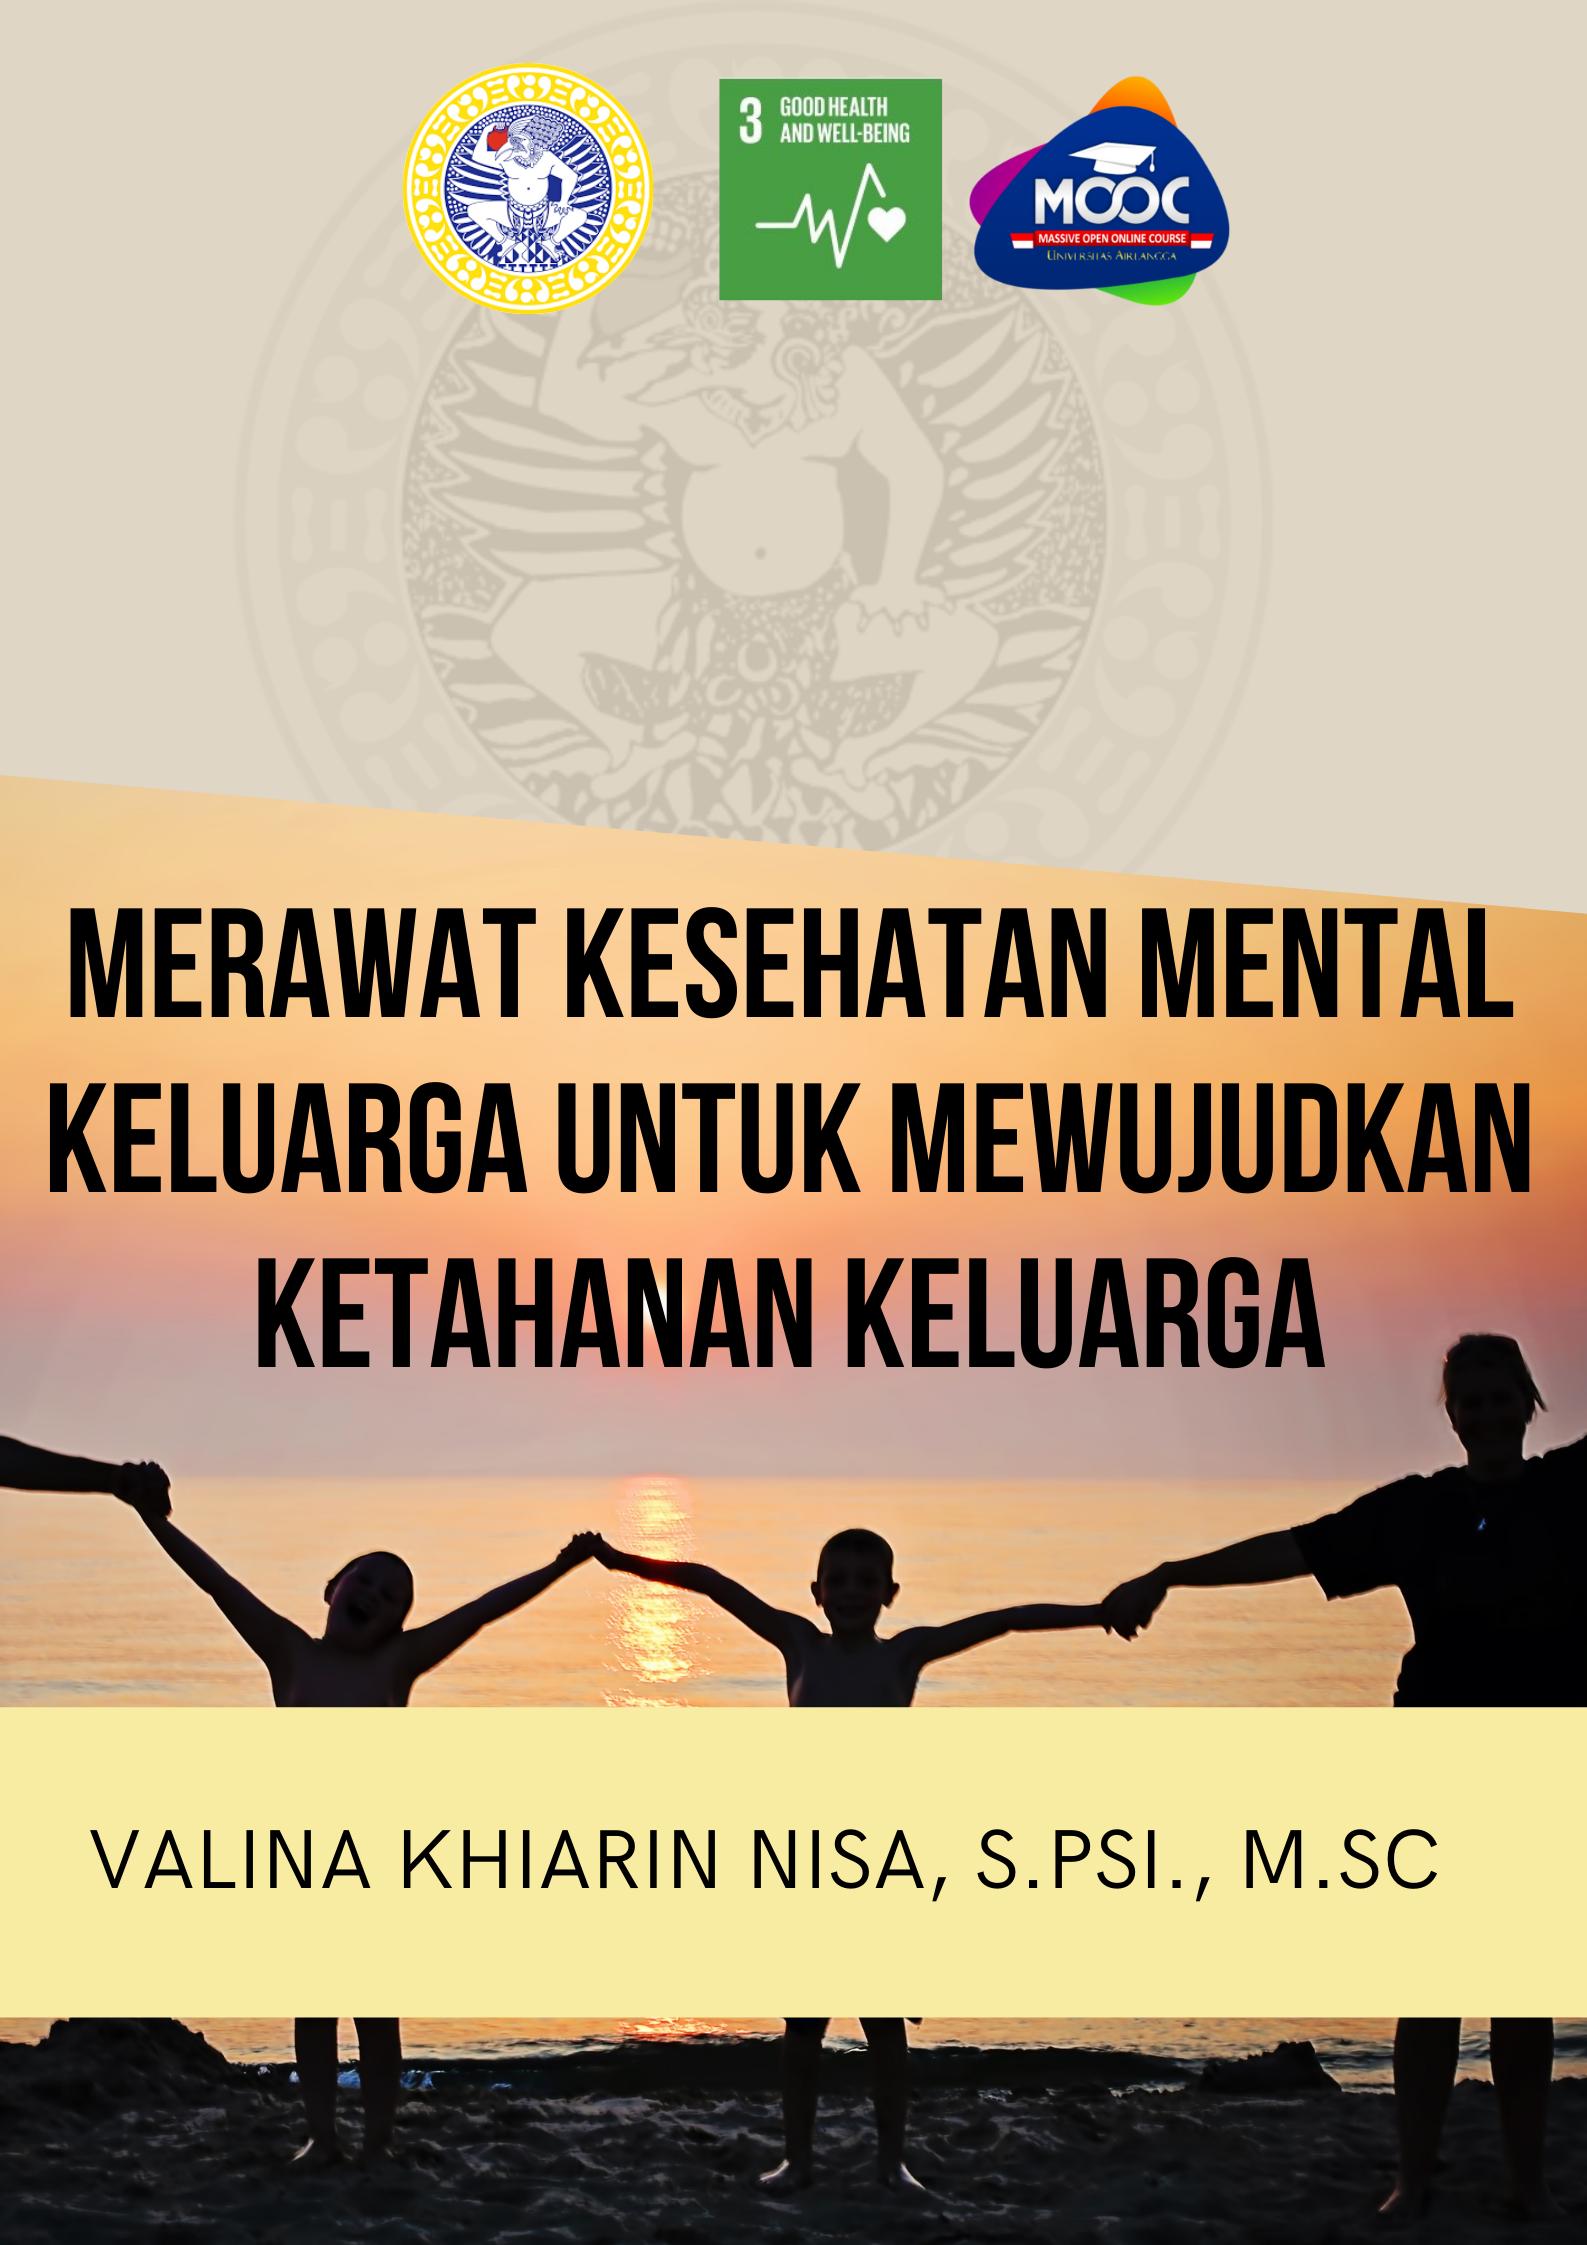 Merawat Kesehatan Mental Keluarga untuk Mewujudkan Ketahanan Keluarga